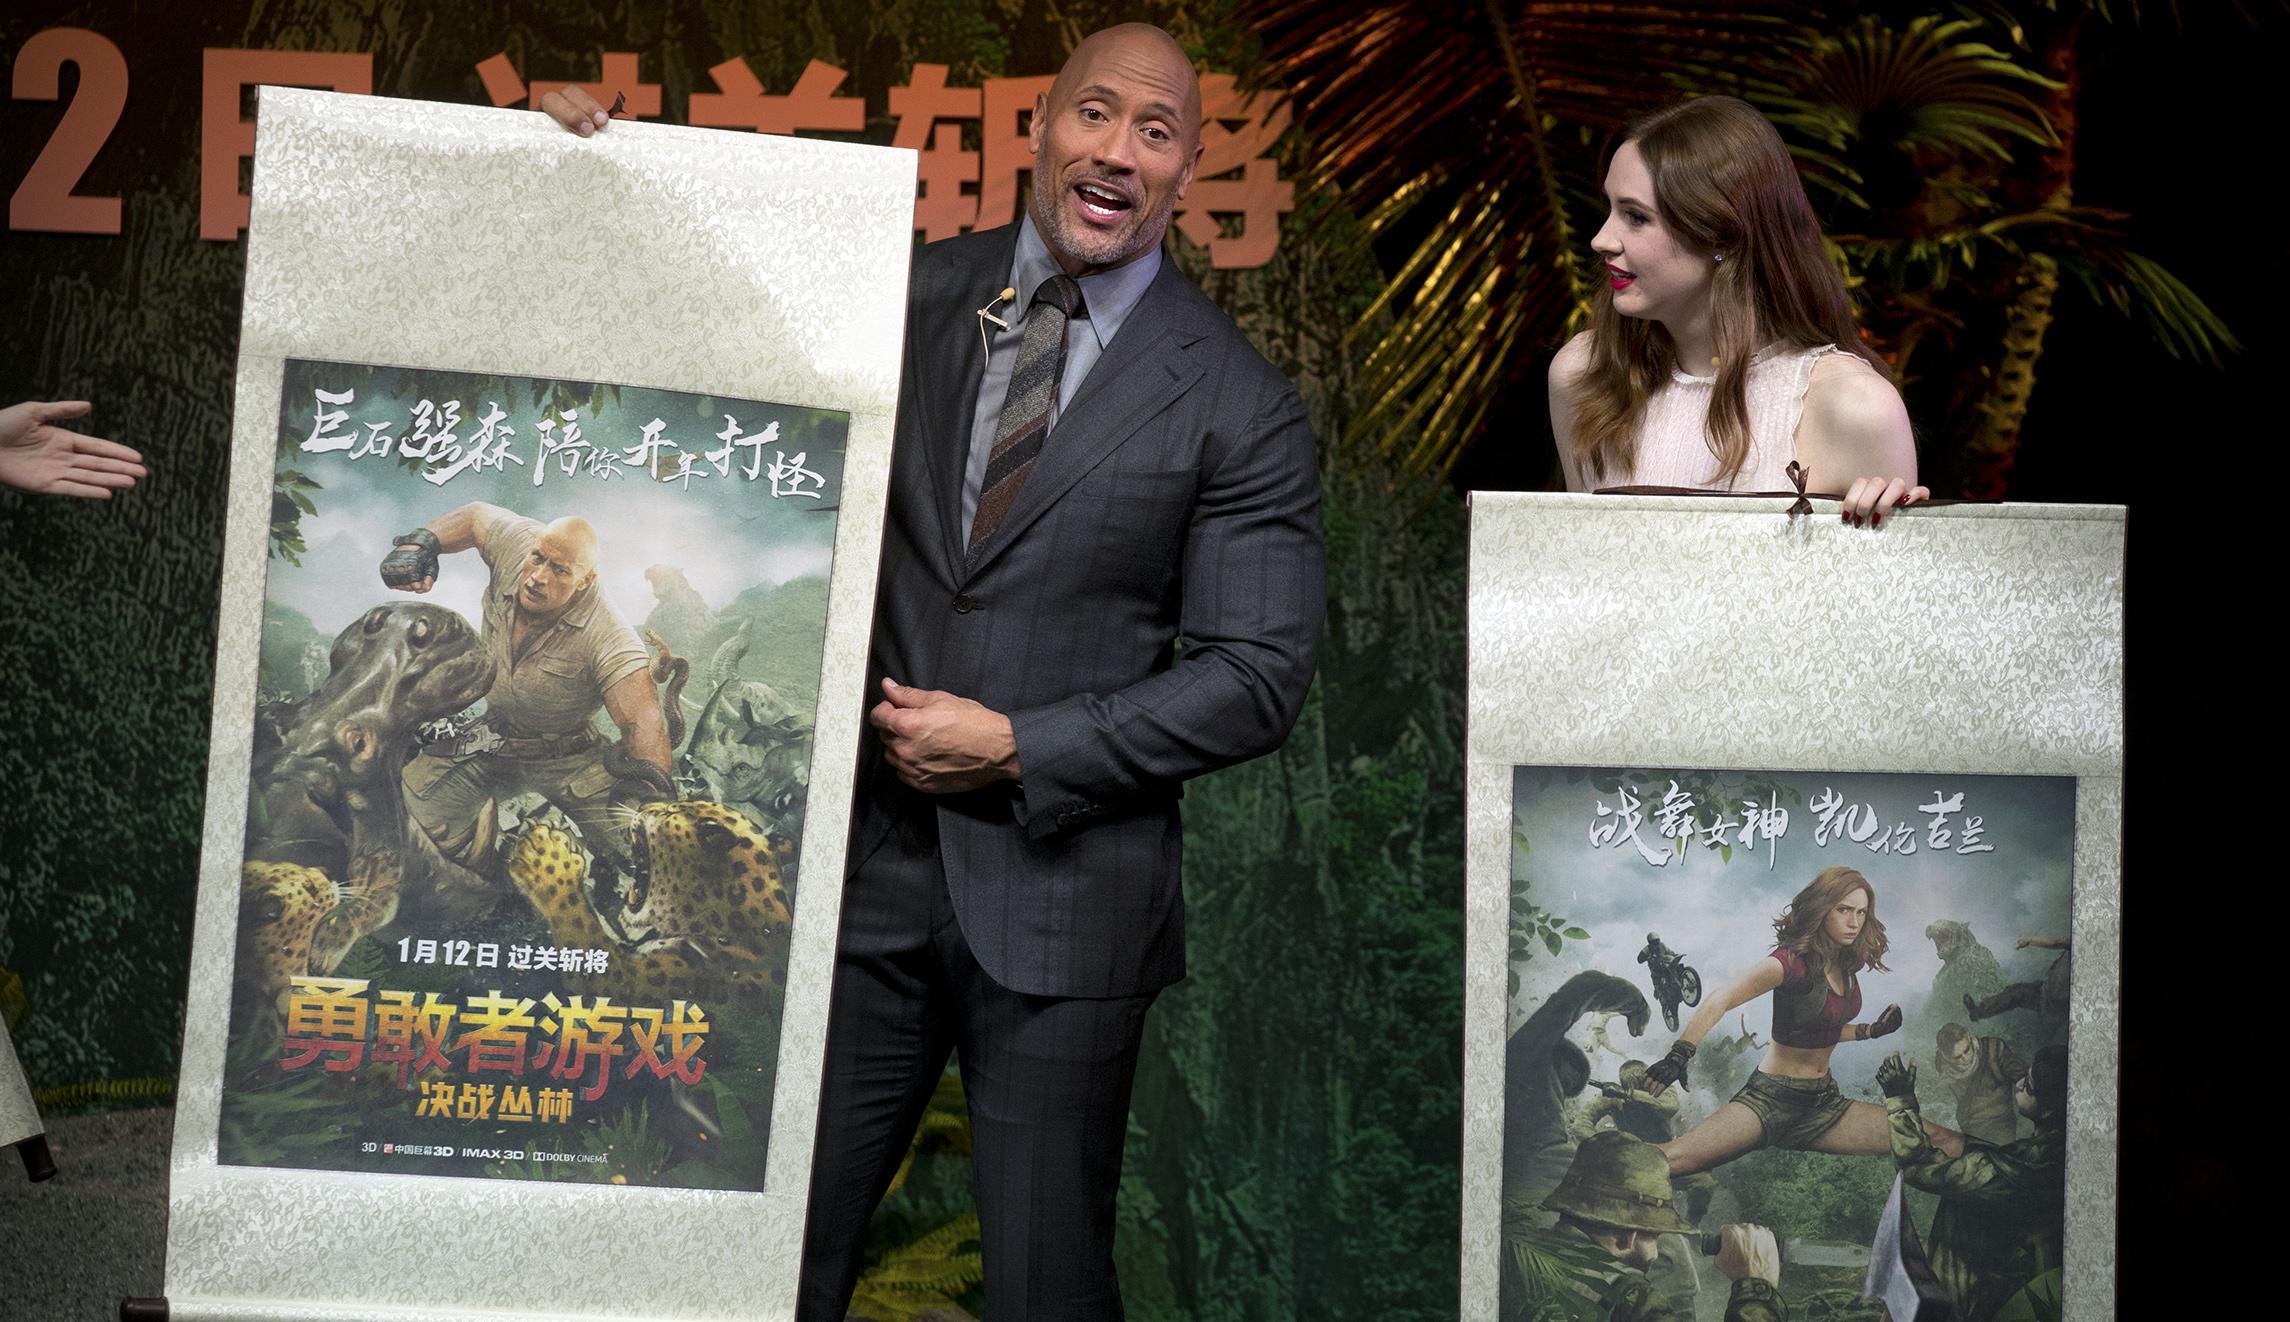 washingtonexaminer.com - Beware China's role as Hollywood's censor